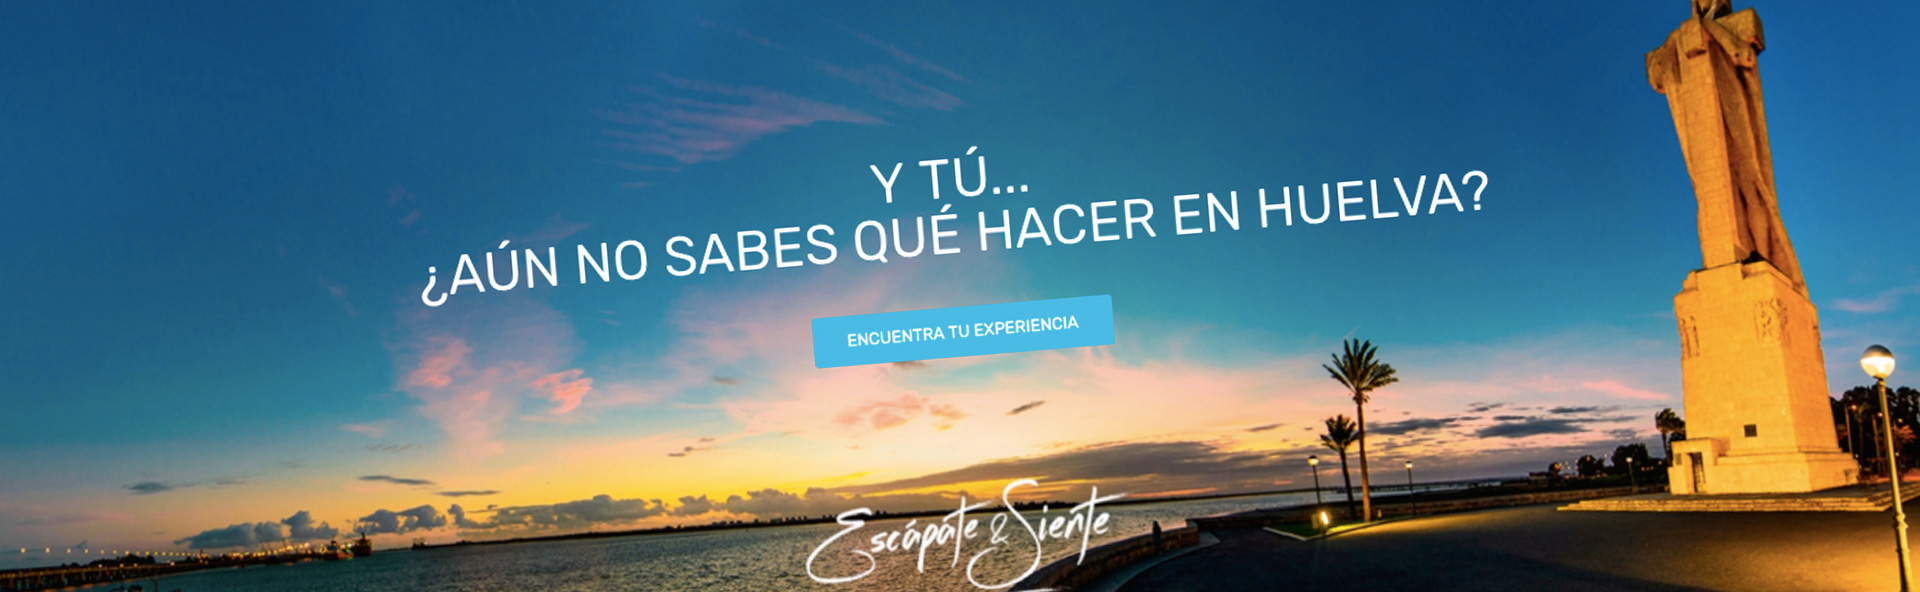 Y tú ... ¿Aún no sabes que hacer en Huelva?